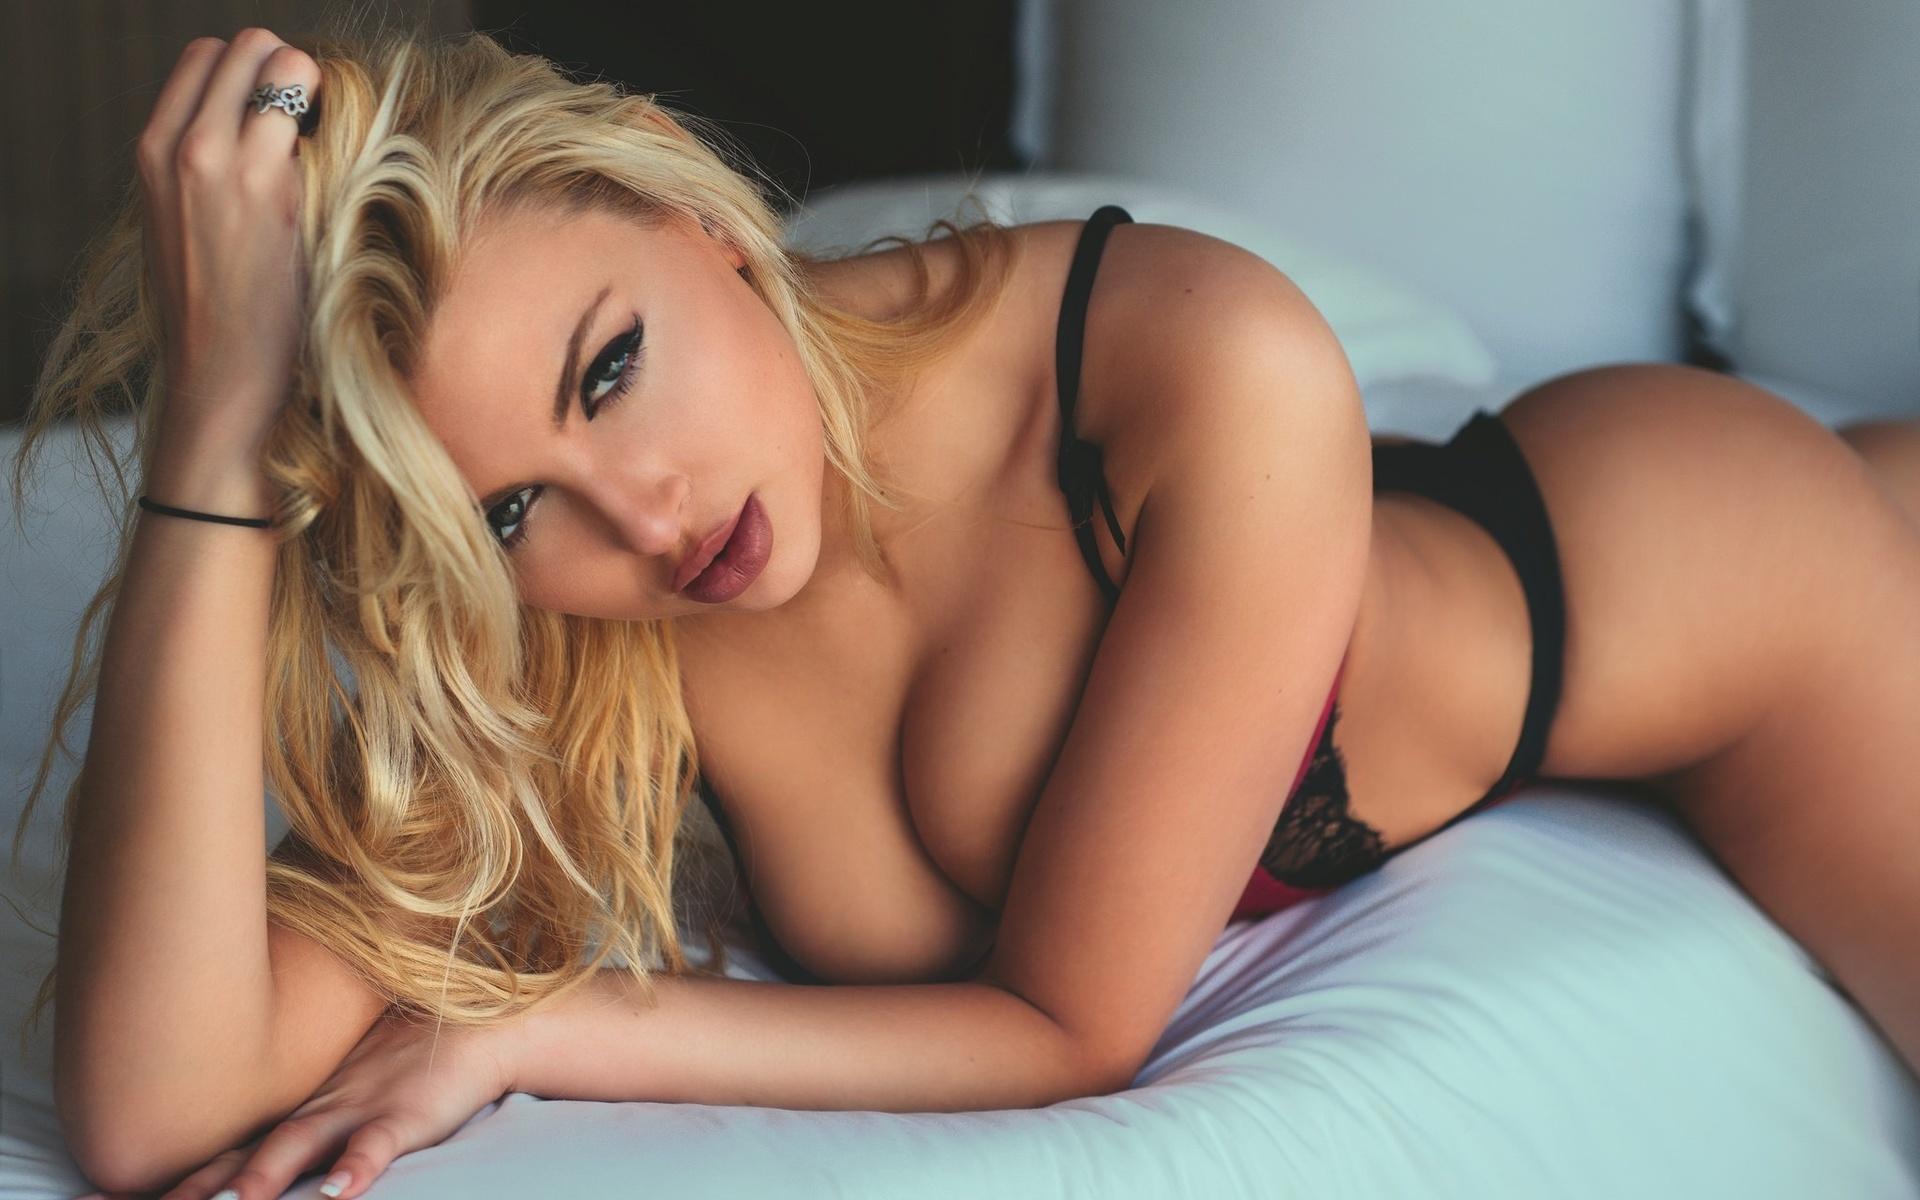 Glamorous sexy woman free stock photos